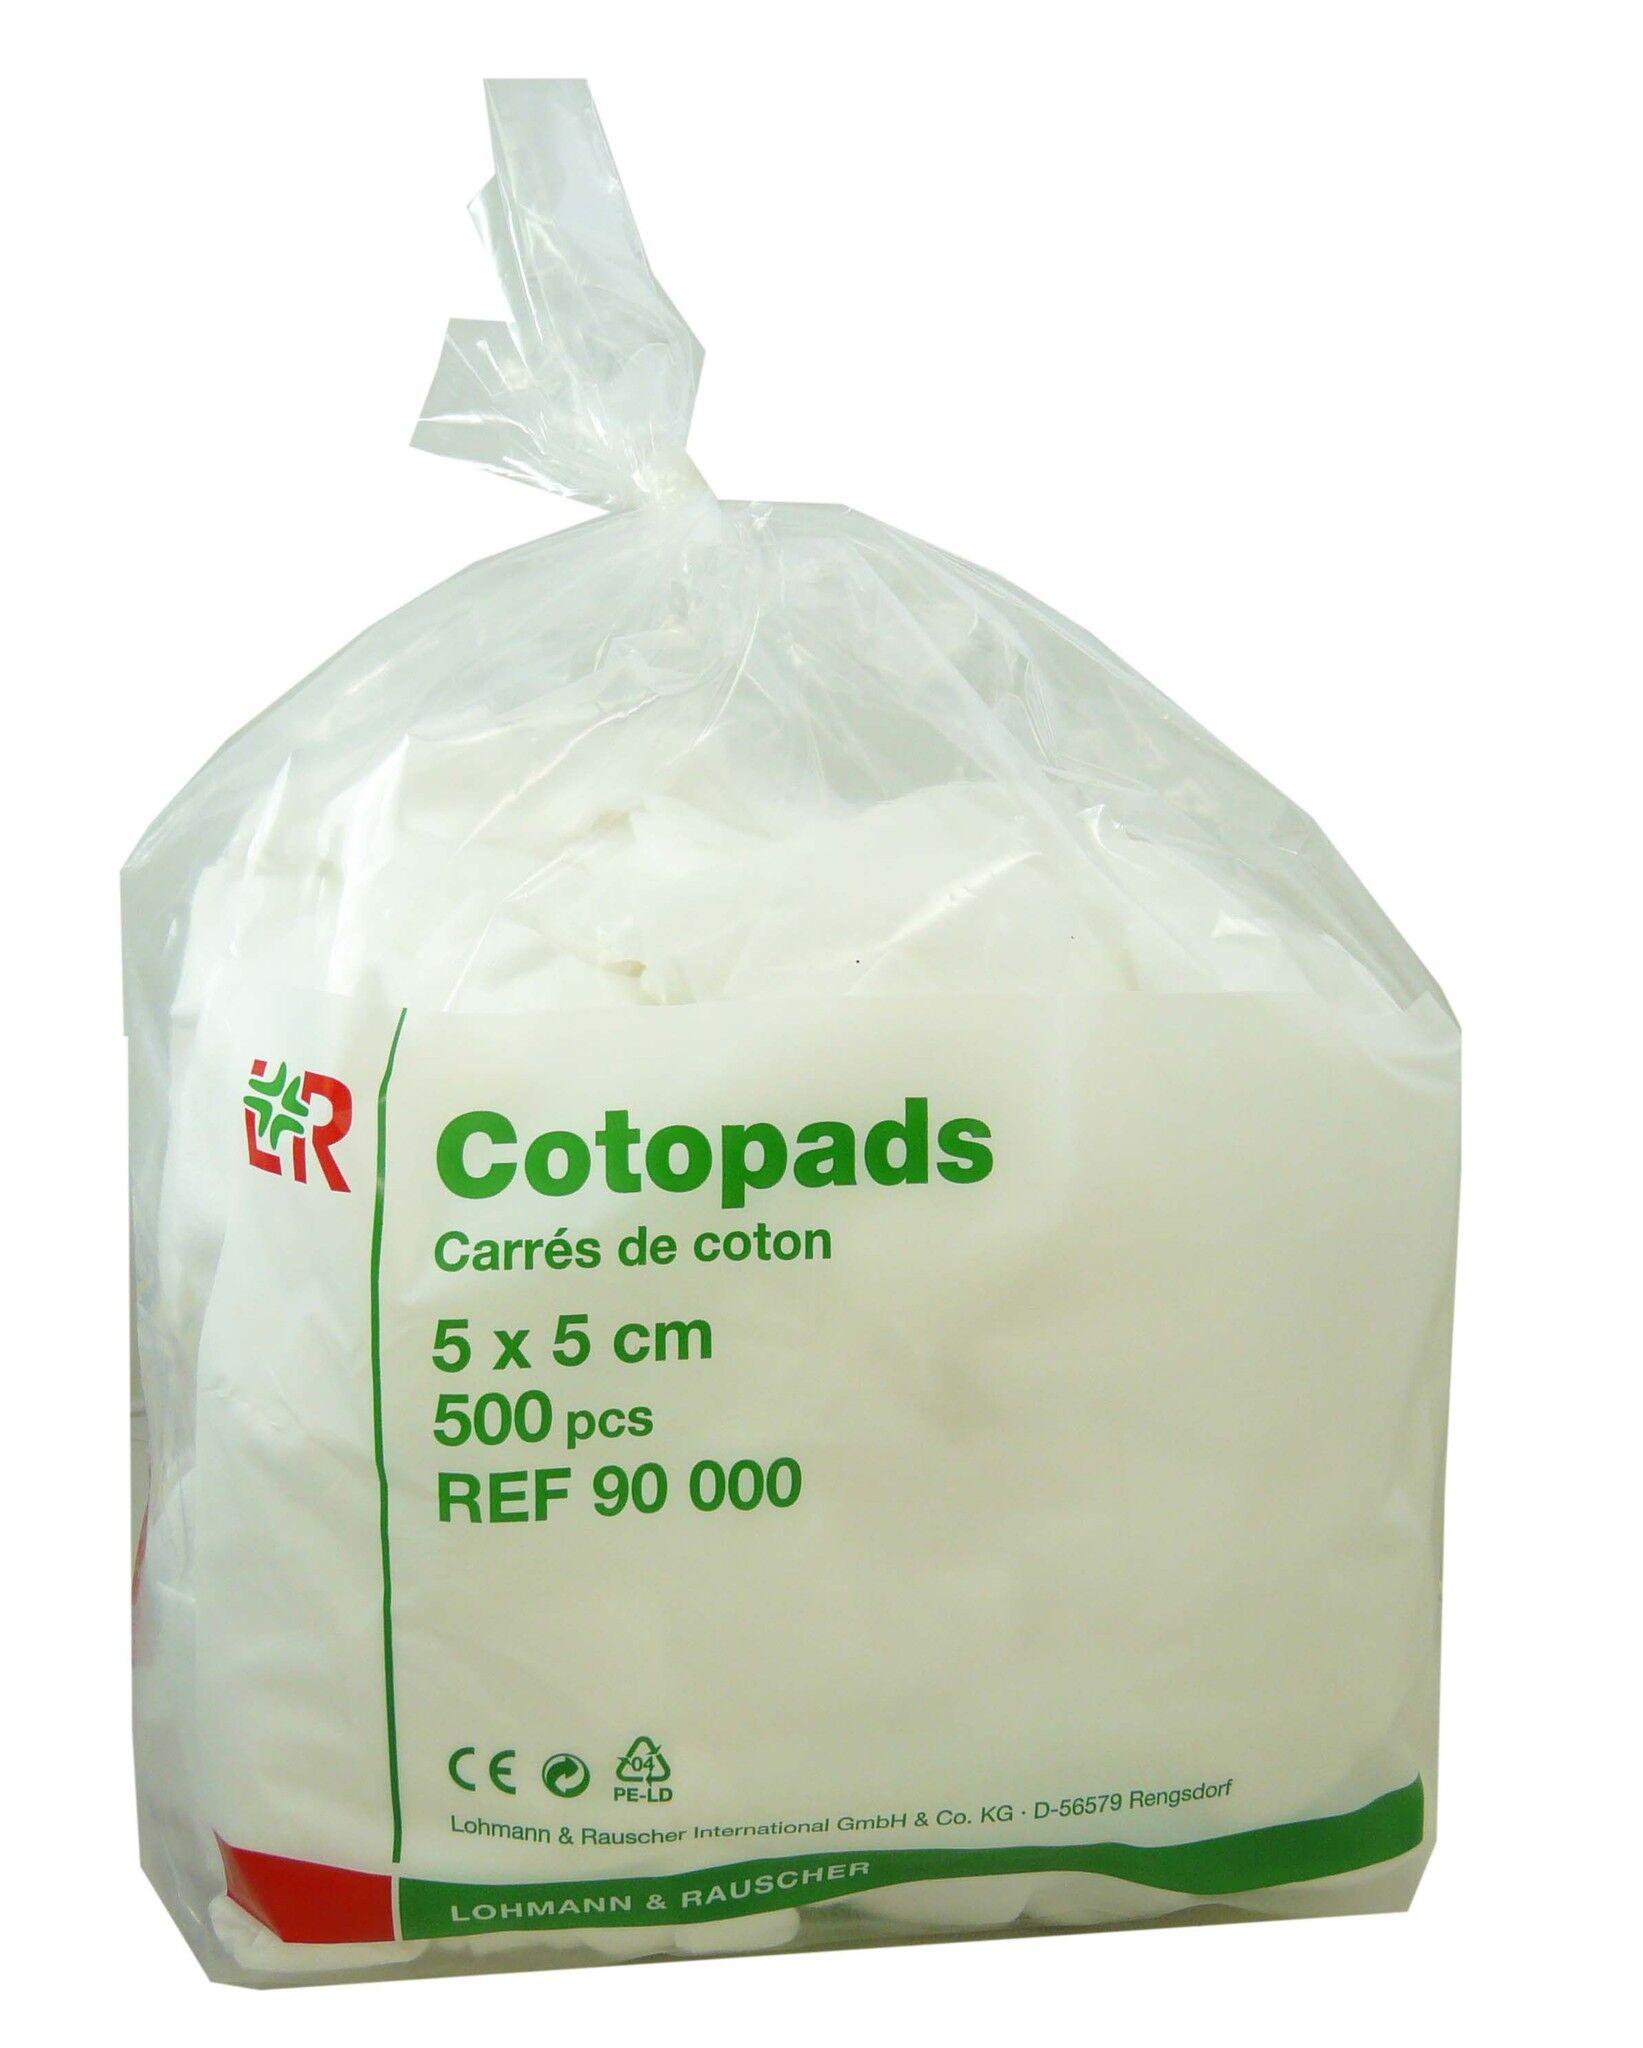 DIVERS Cotopads coton carre 5x5 cm 500 pieces